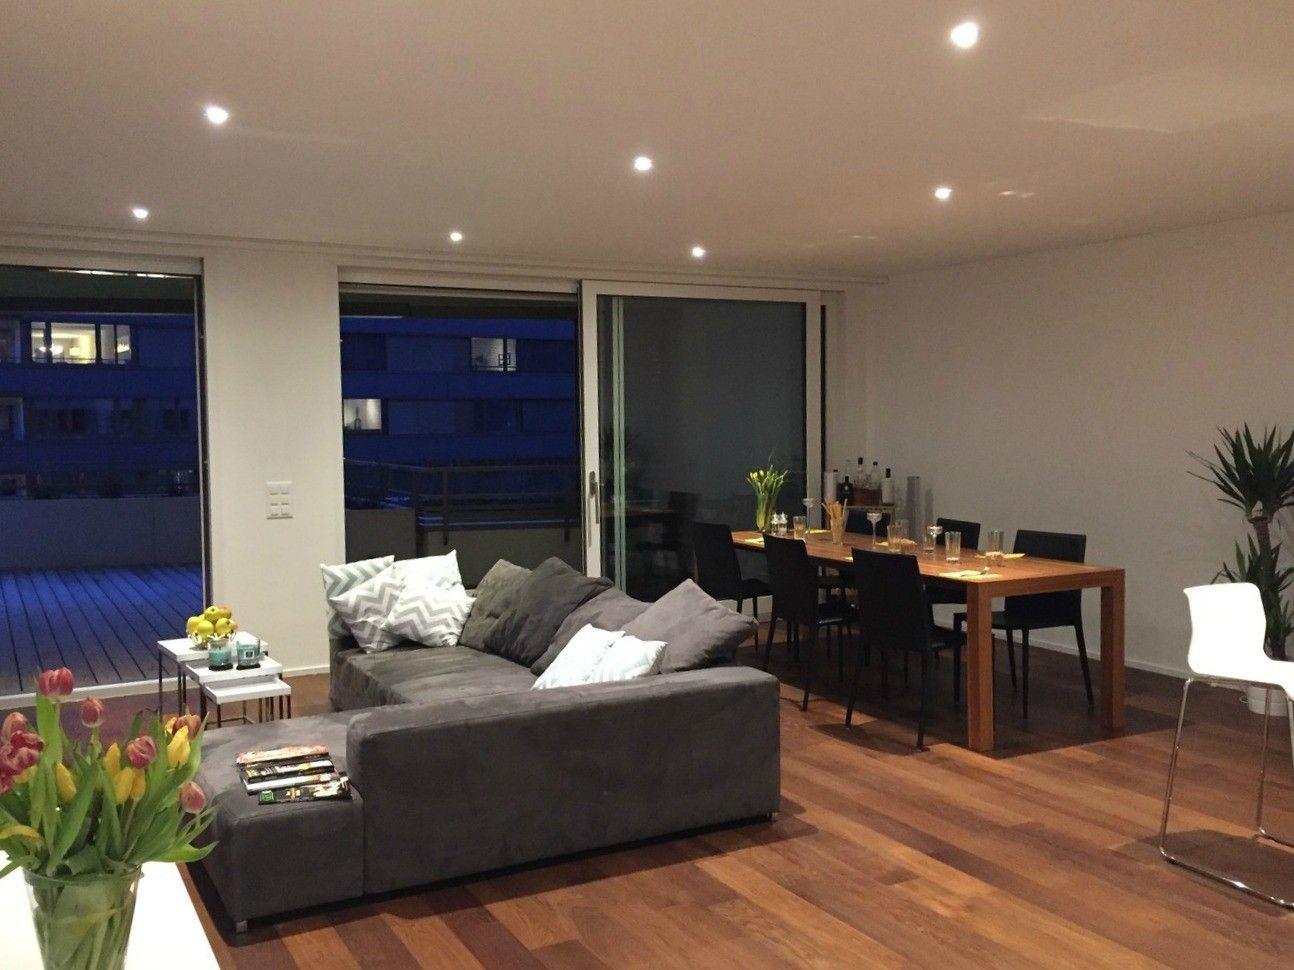 Riesige 2er Wg An Zentraler Lage In Zurich Zu Vermieten Wem Viel Platz Und Luxus Wichtig Ist Wird Hier Fundig Wohnung In Zurich Wohnung Wohnung Mieten